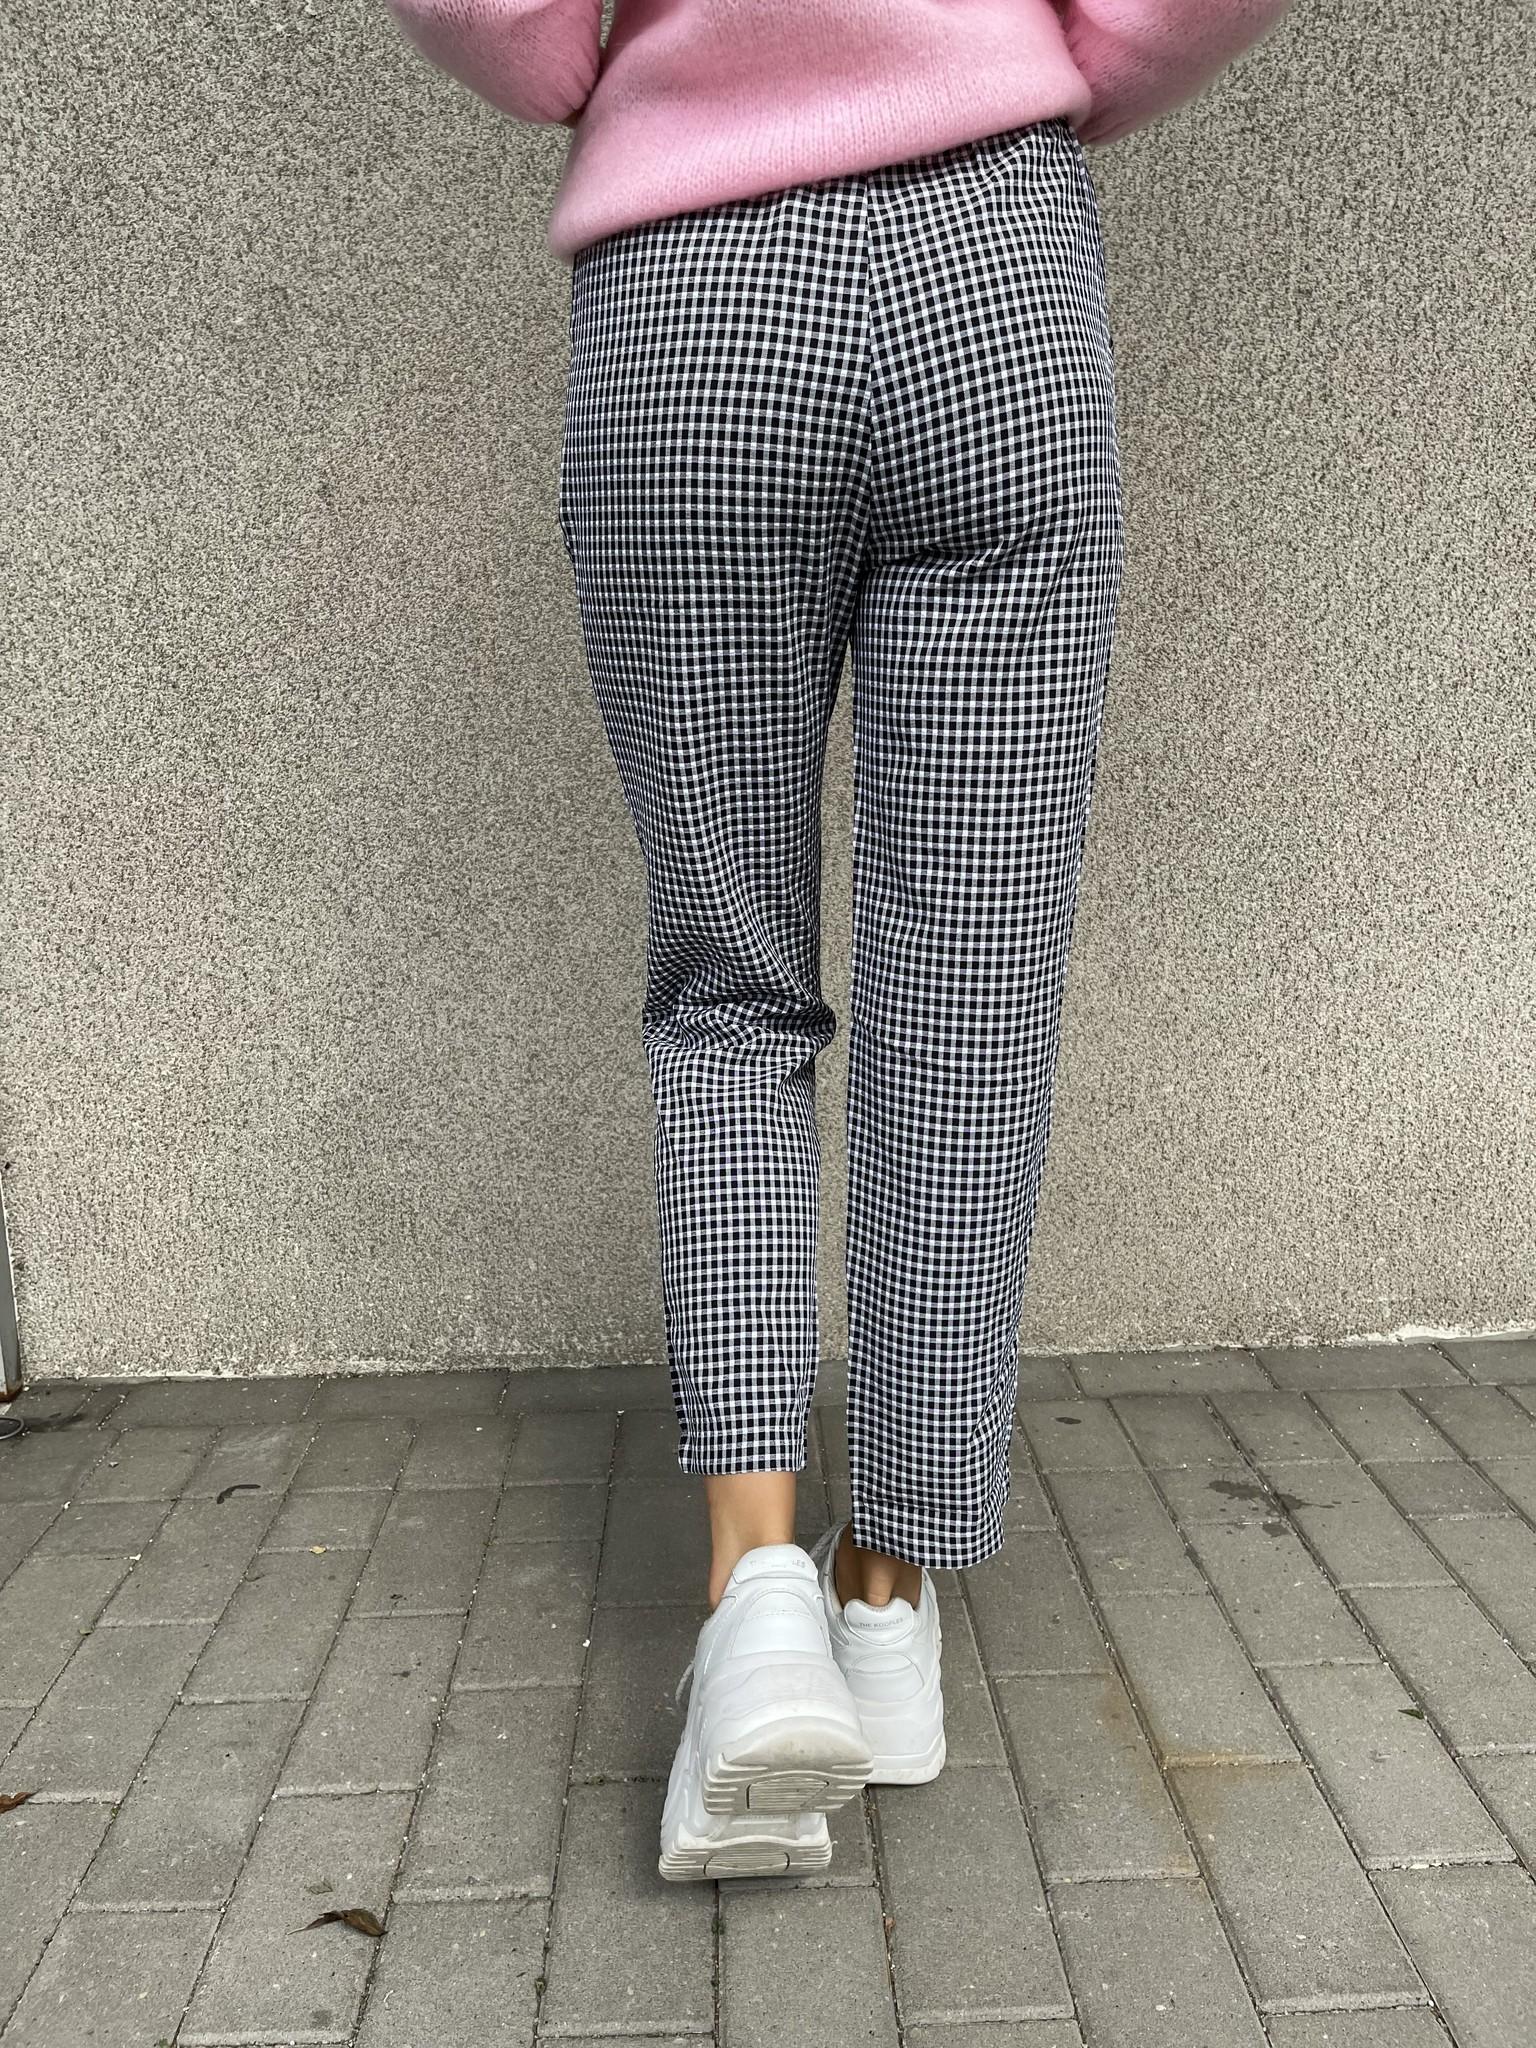 JOHN pantalon-3